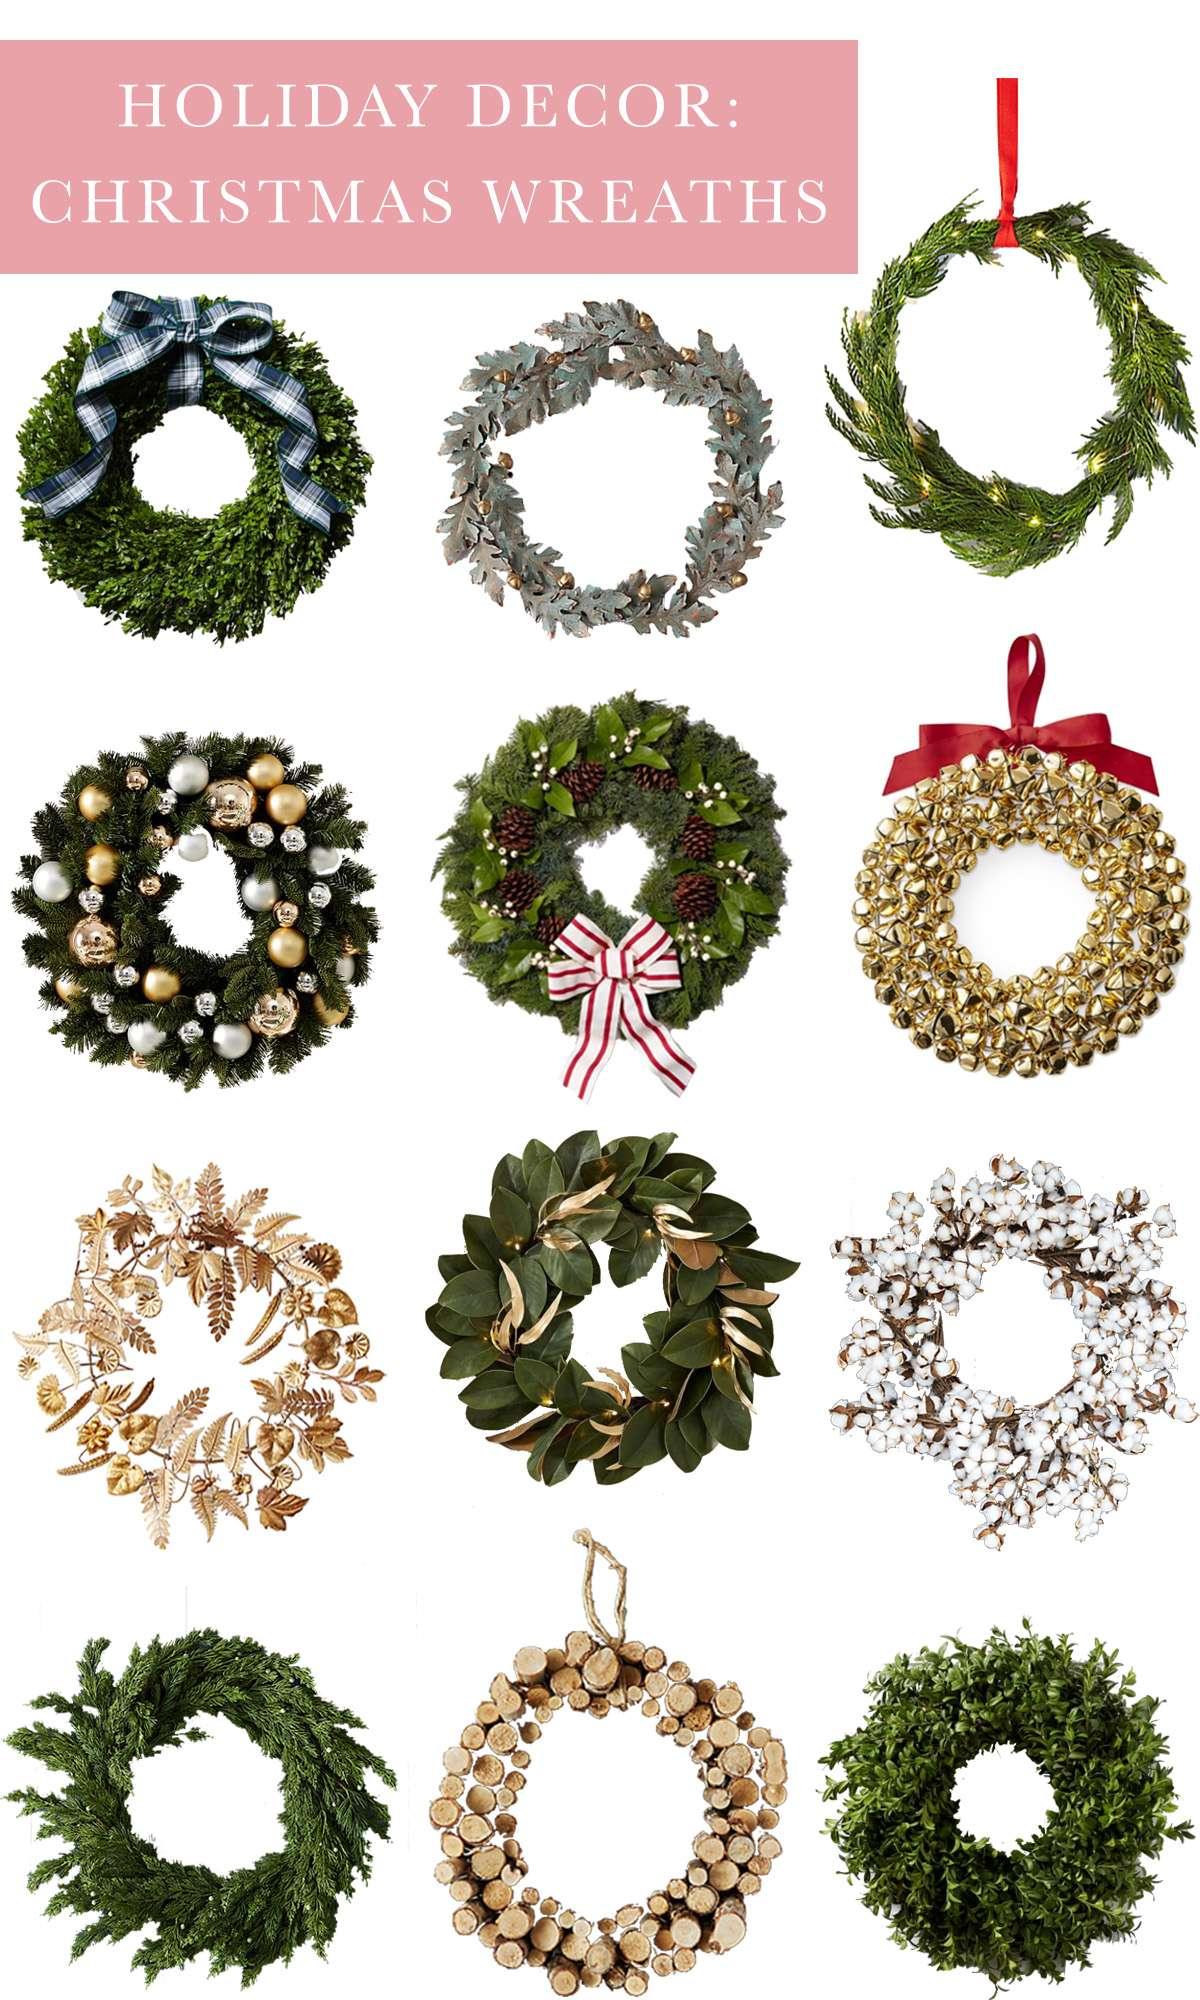 Holiday Decor: 12 Christmas Wreaths for a Festive Season on Rhyme & Reason